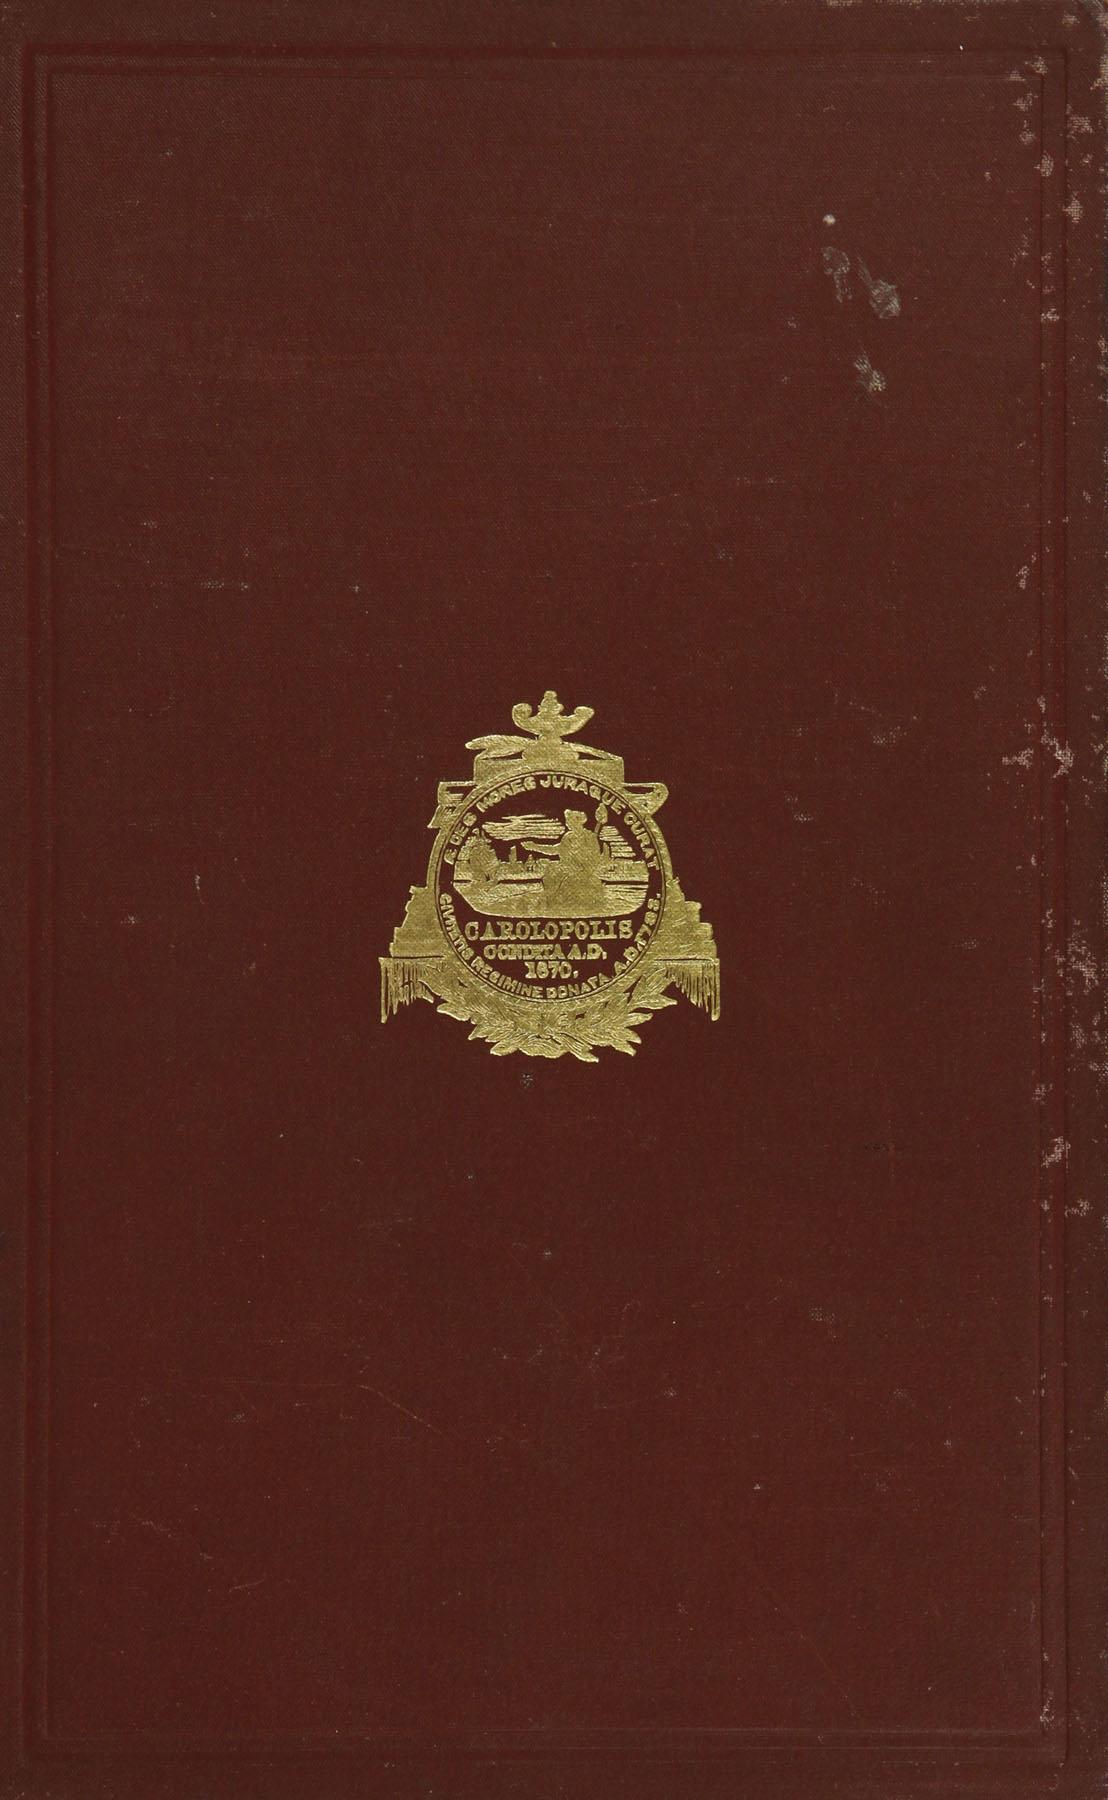 Charleston Year Book, 1880